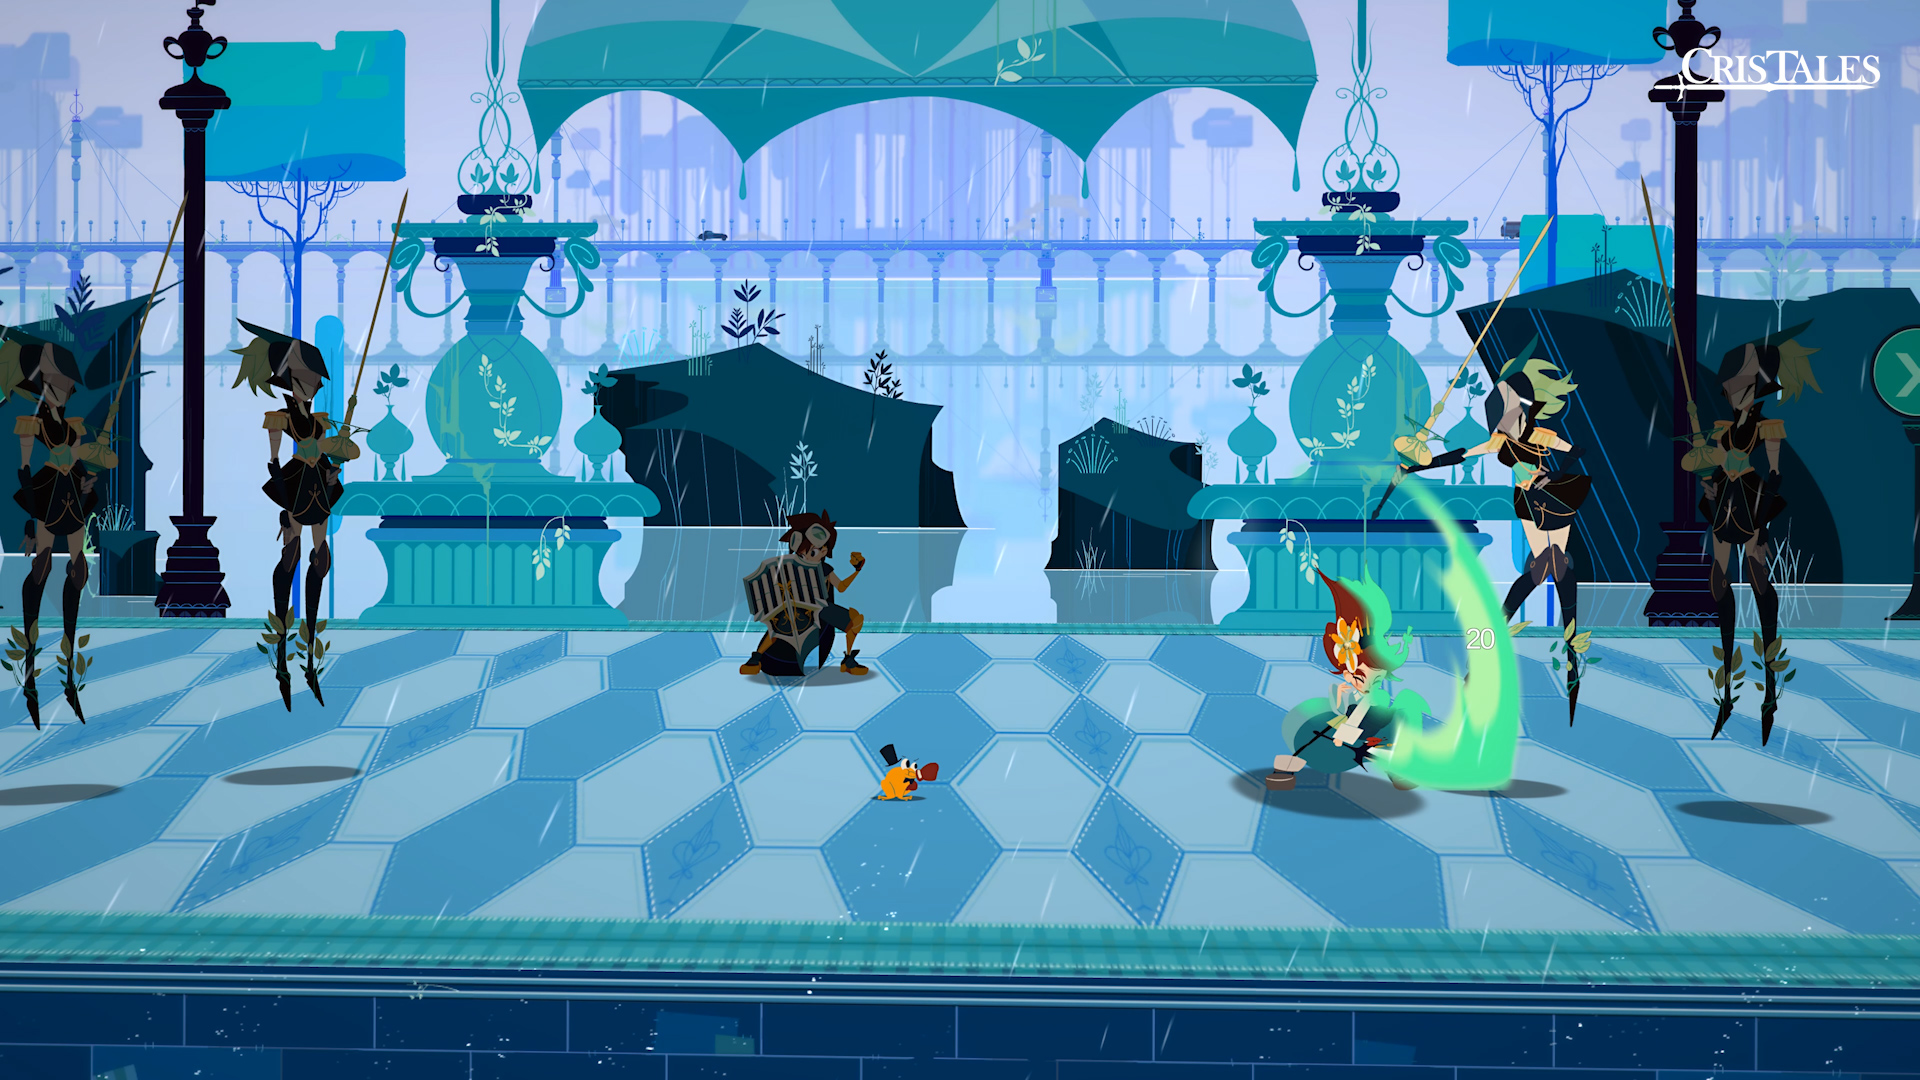 cris tales screenshot wallpaper 72893